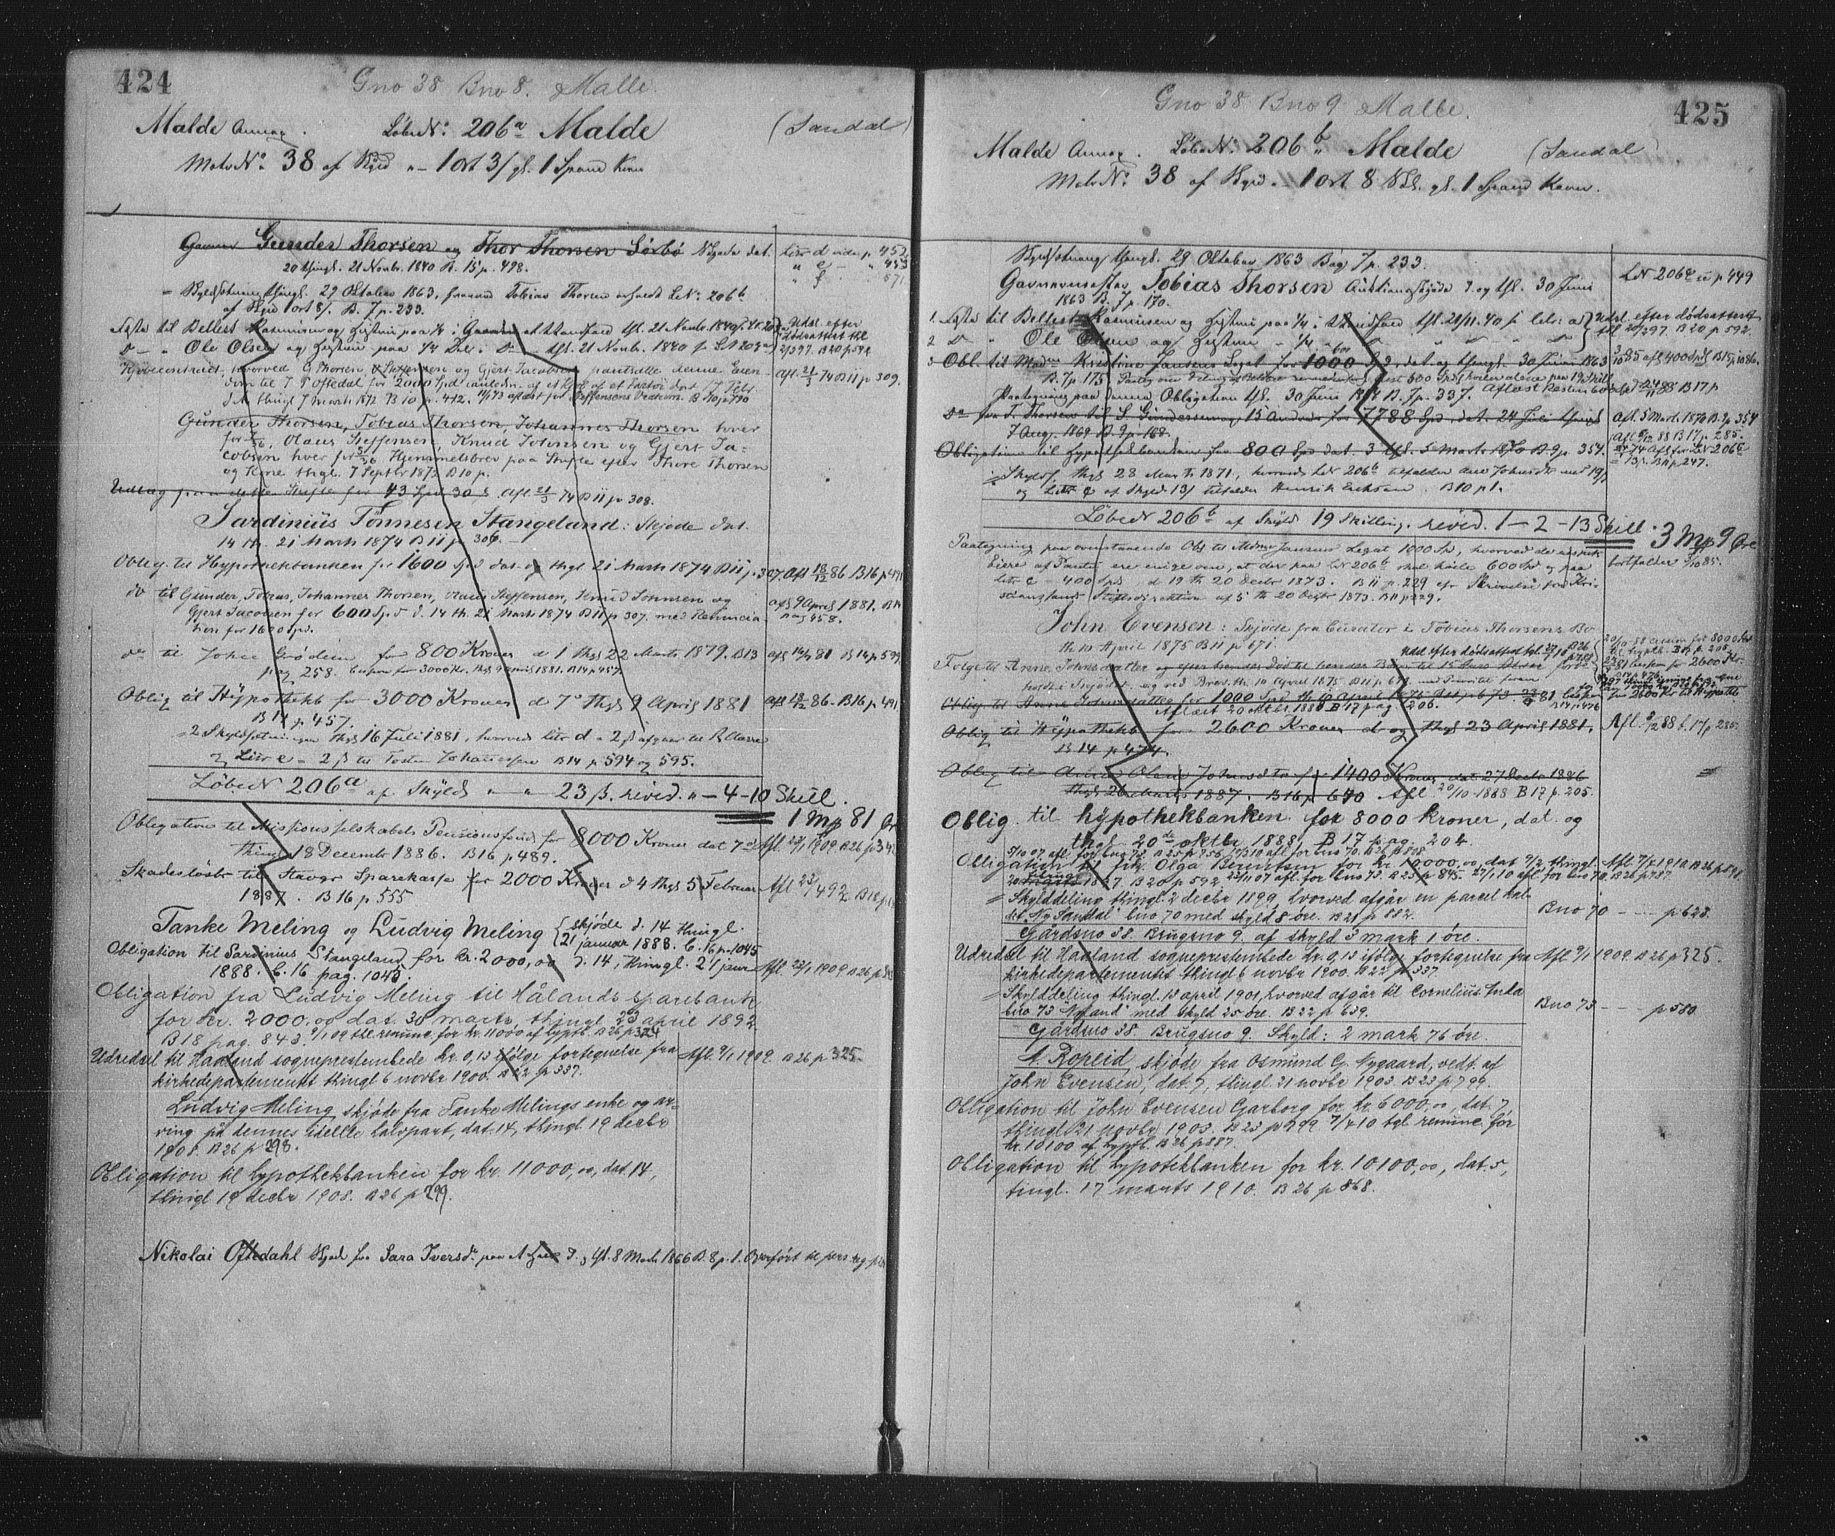 SAST, Jæren sorenskriveri, 4/41/41ABD/L0001: Panteregister nr. 41 ABD1, 1902, s. 424-425